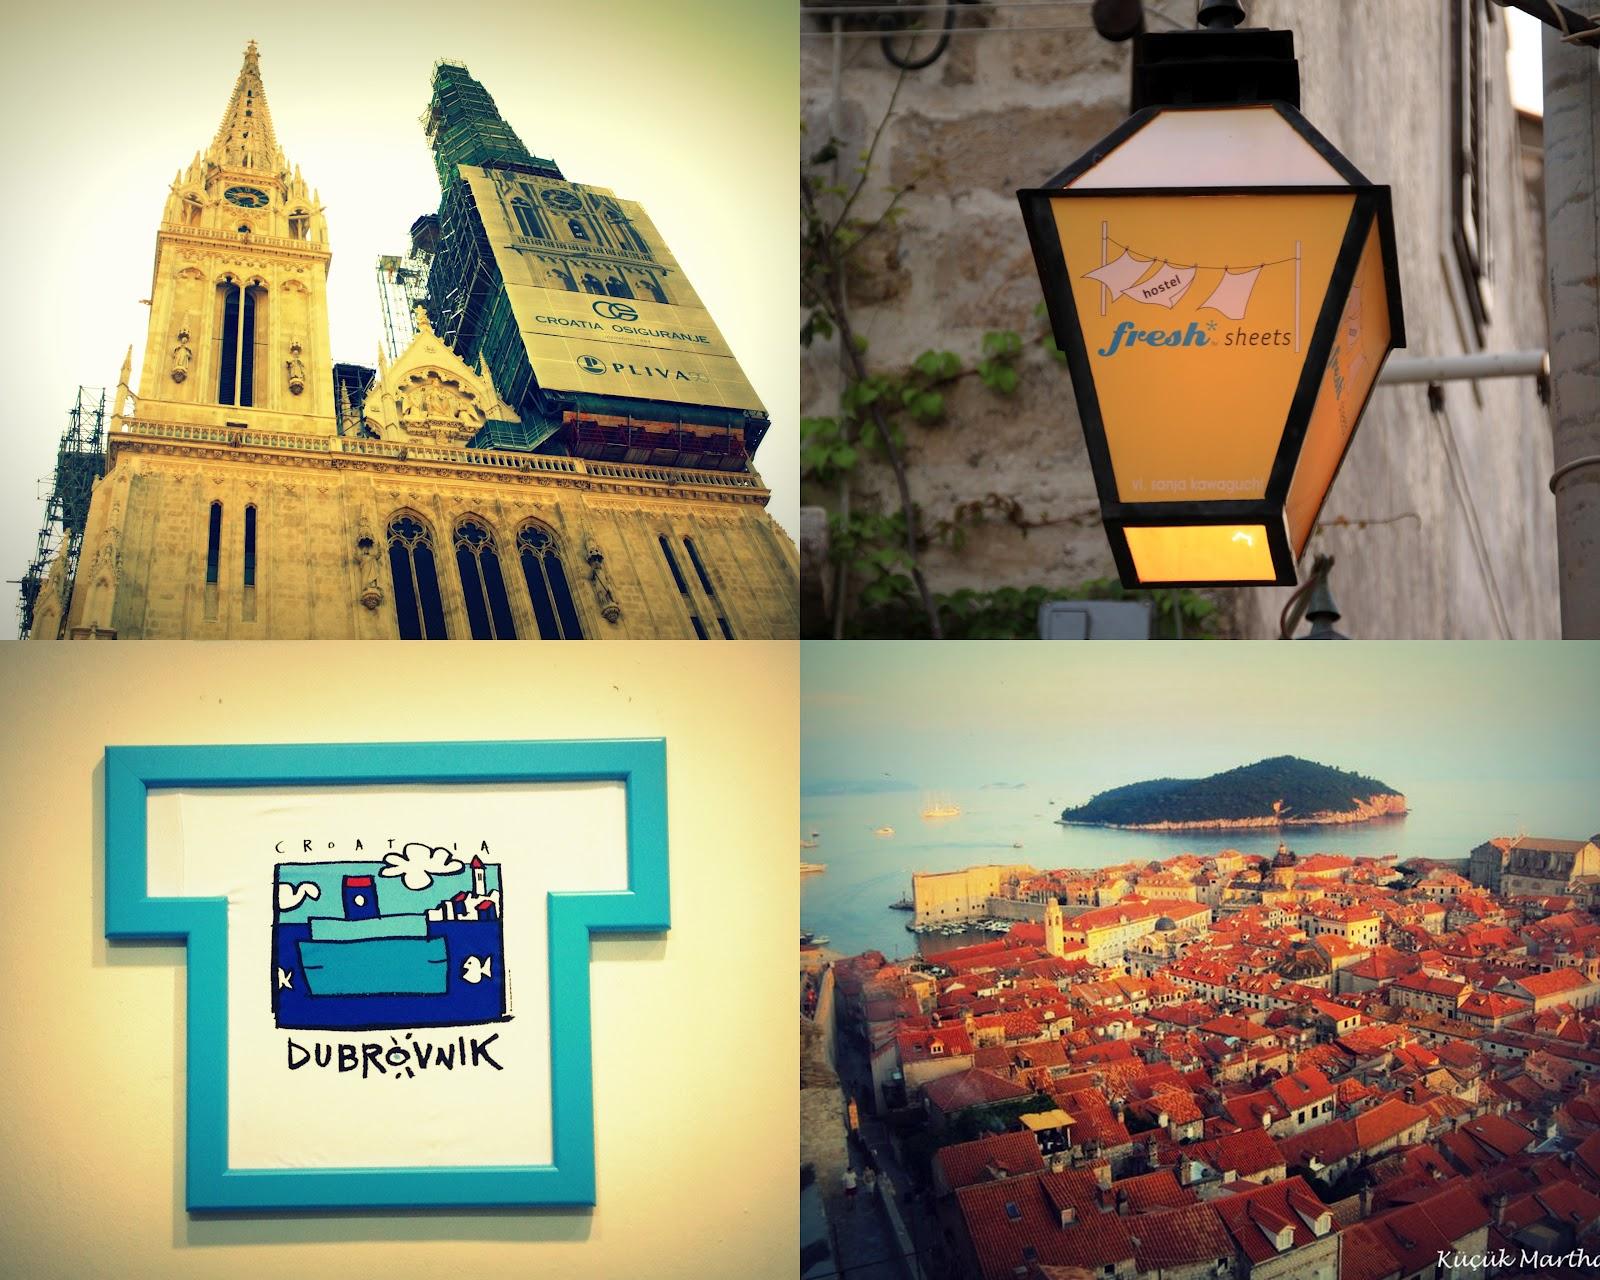 Hırvatistan Gurme Rehberi Bölüm 1 Küçük Martha